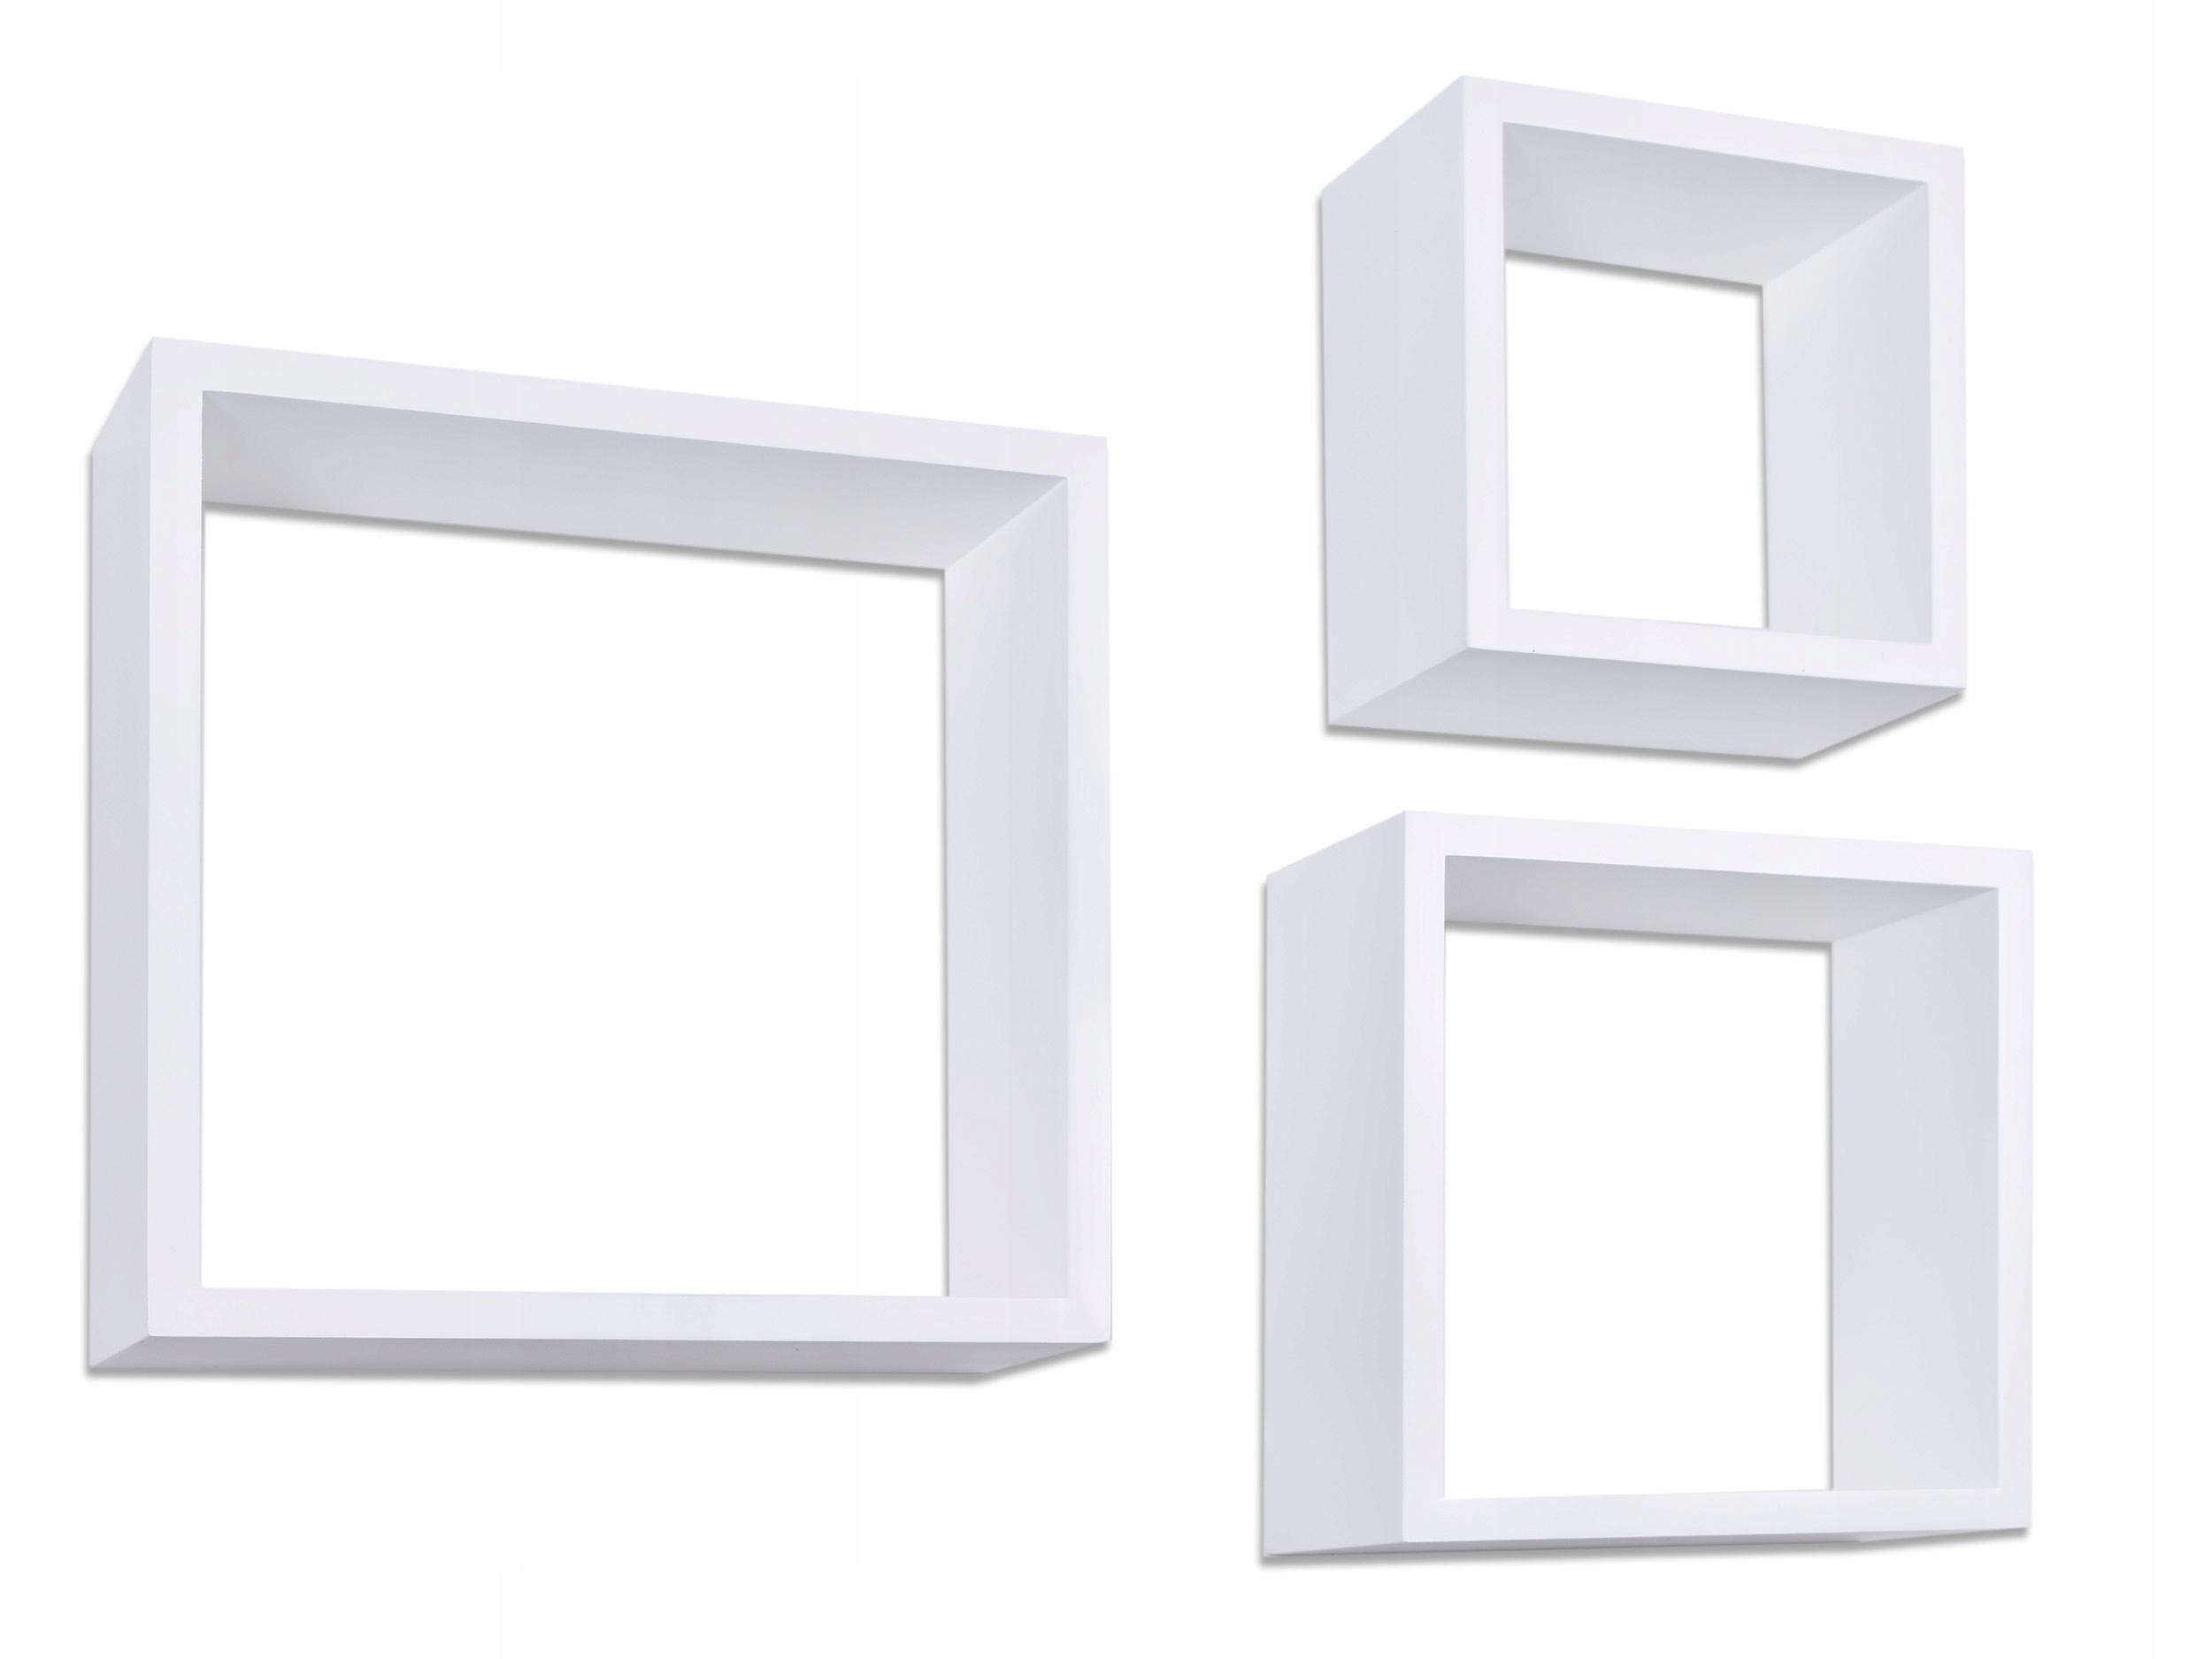 3 Półki Wiszące Cube Quad Biały Ehokerypl Tanie